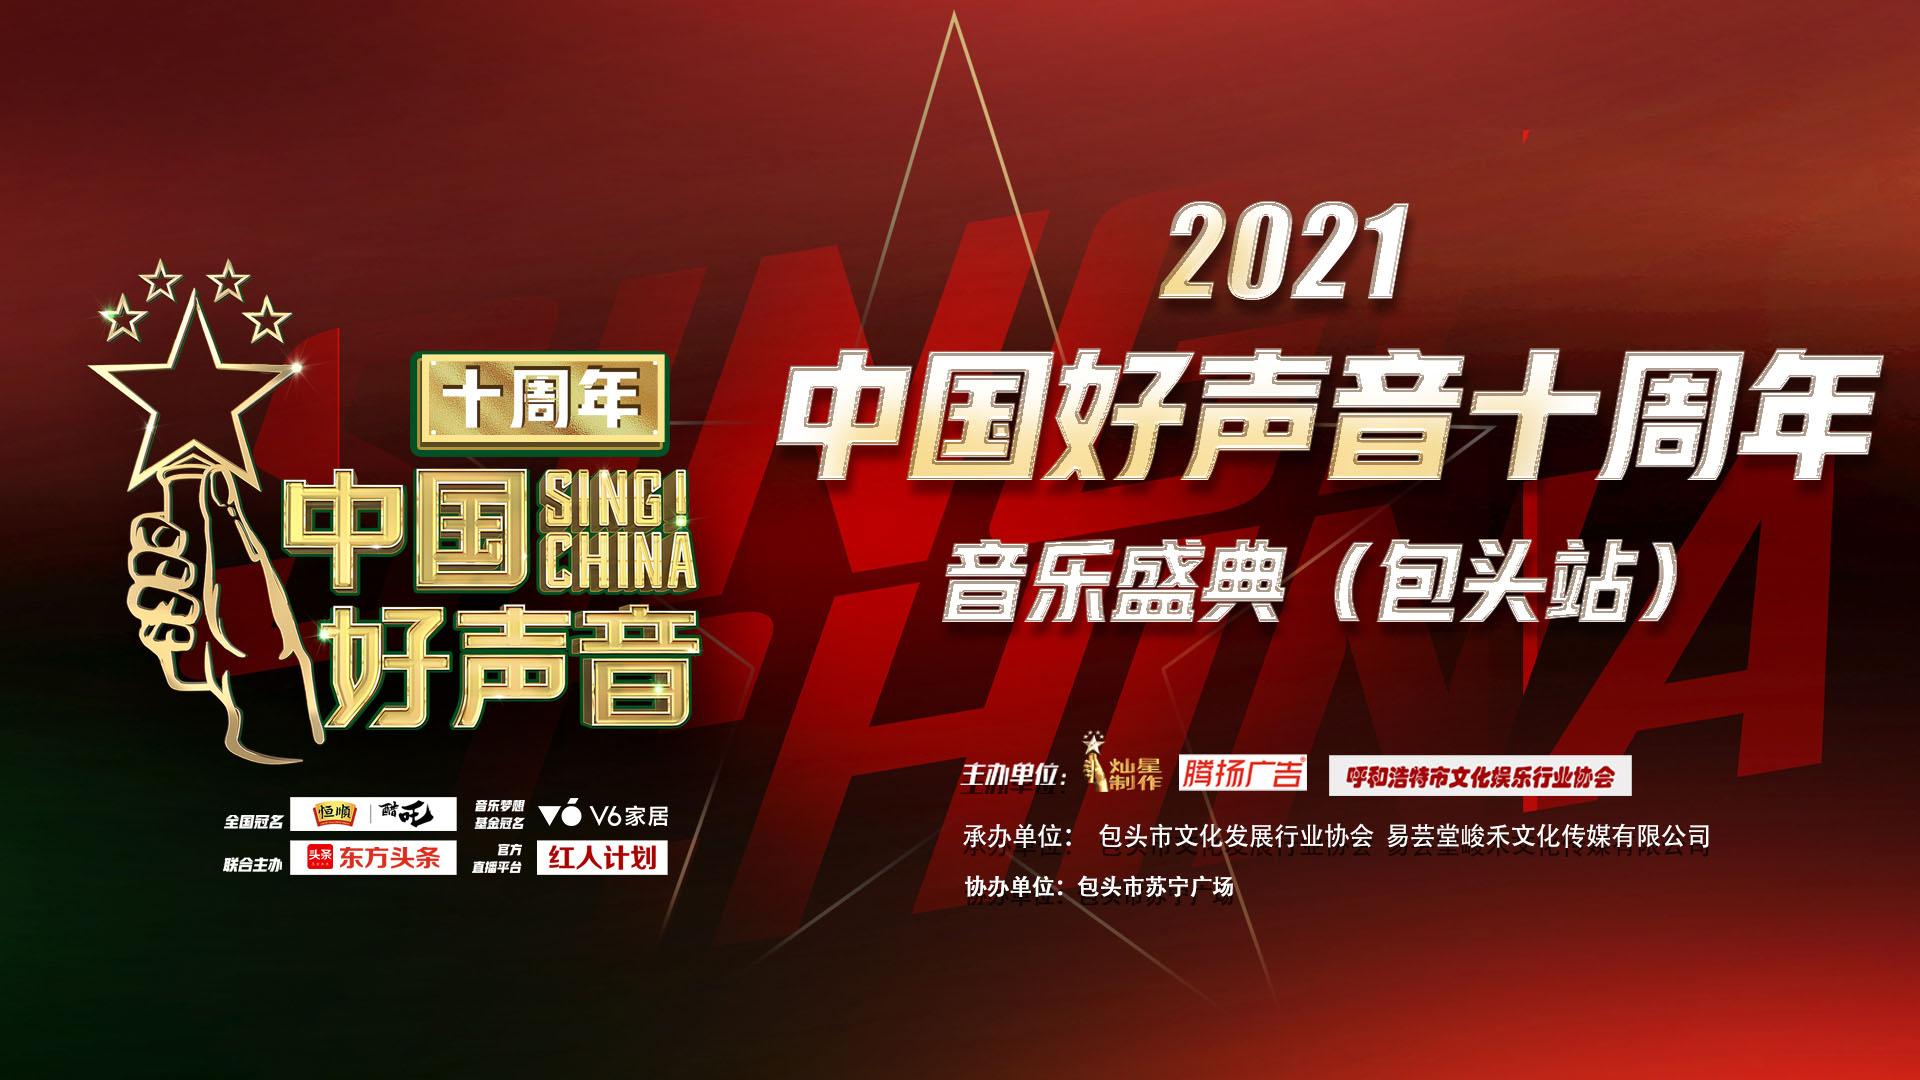 2021年中国好声音十周年音乐盛典包头